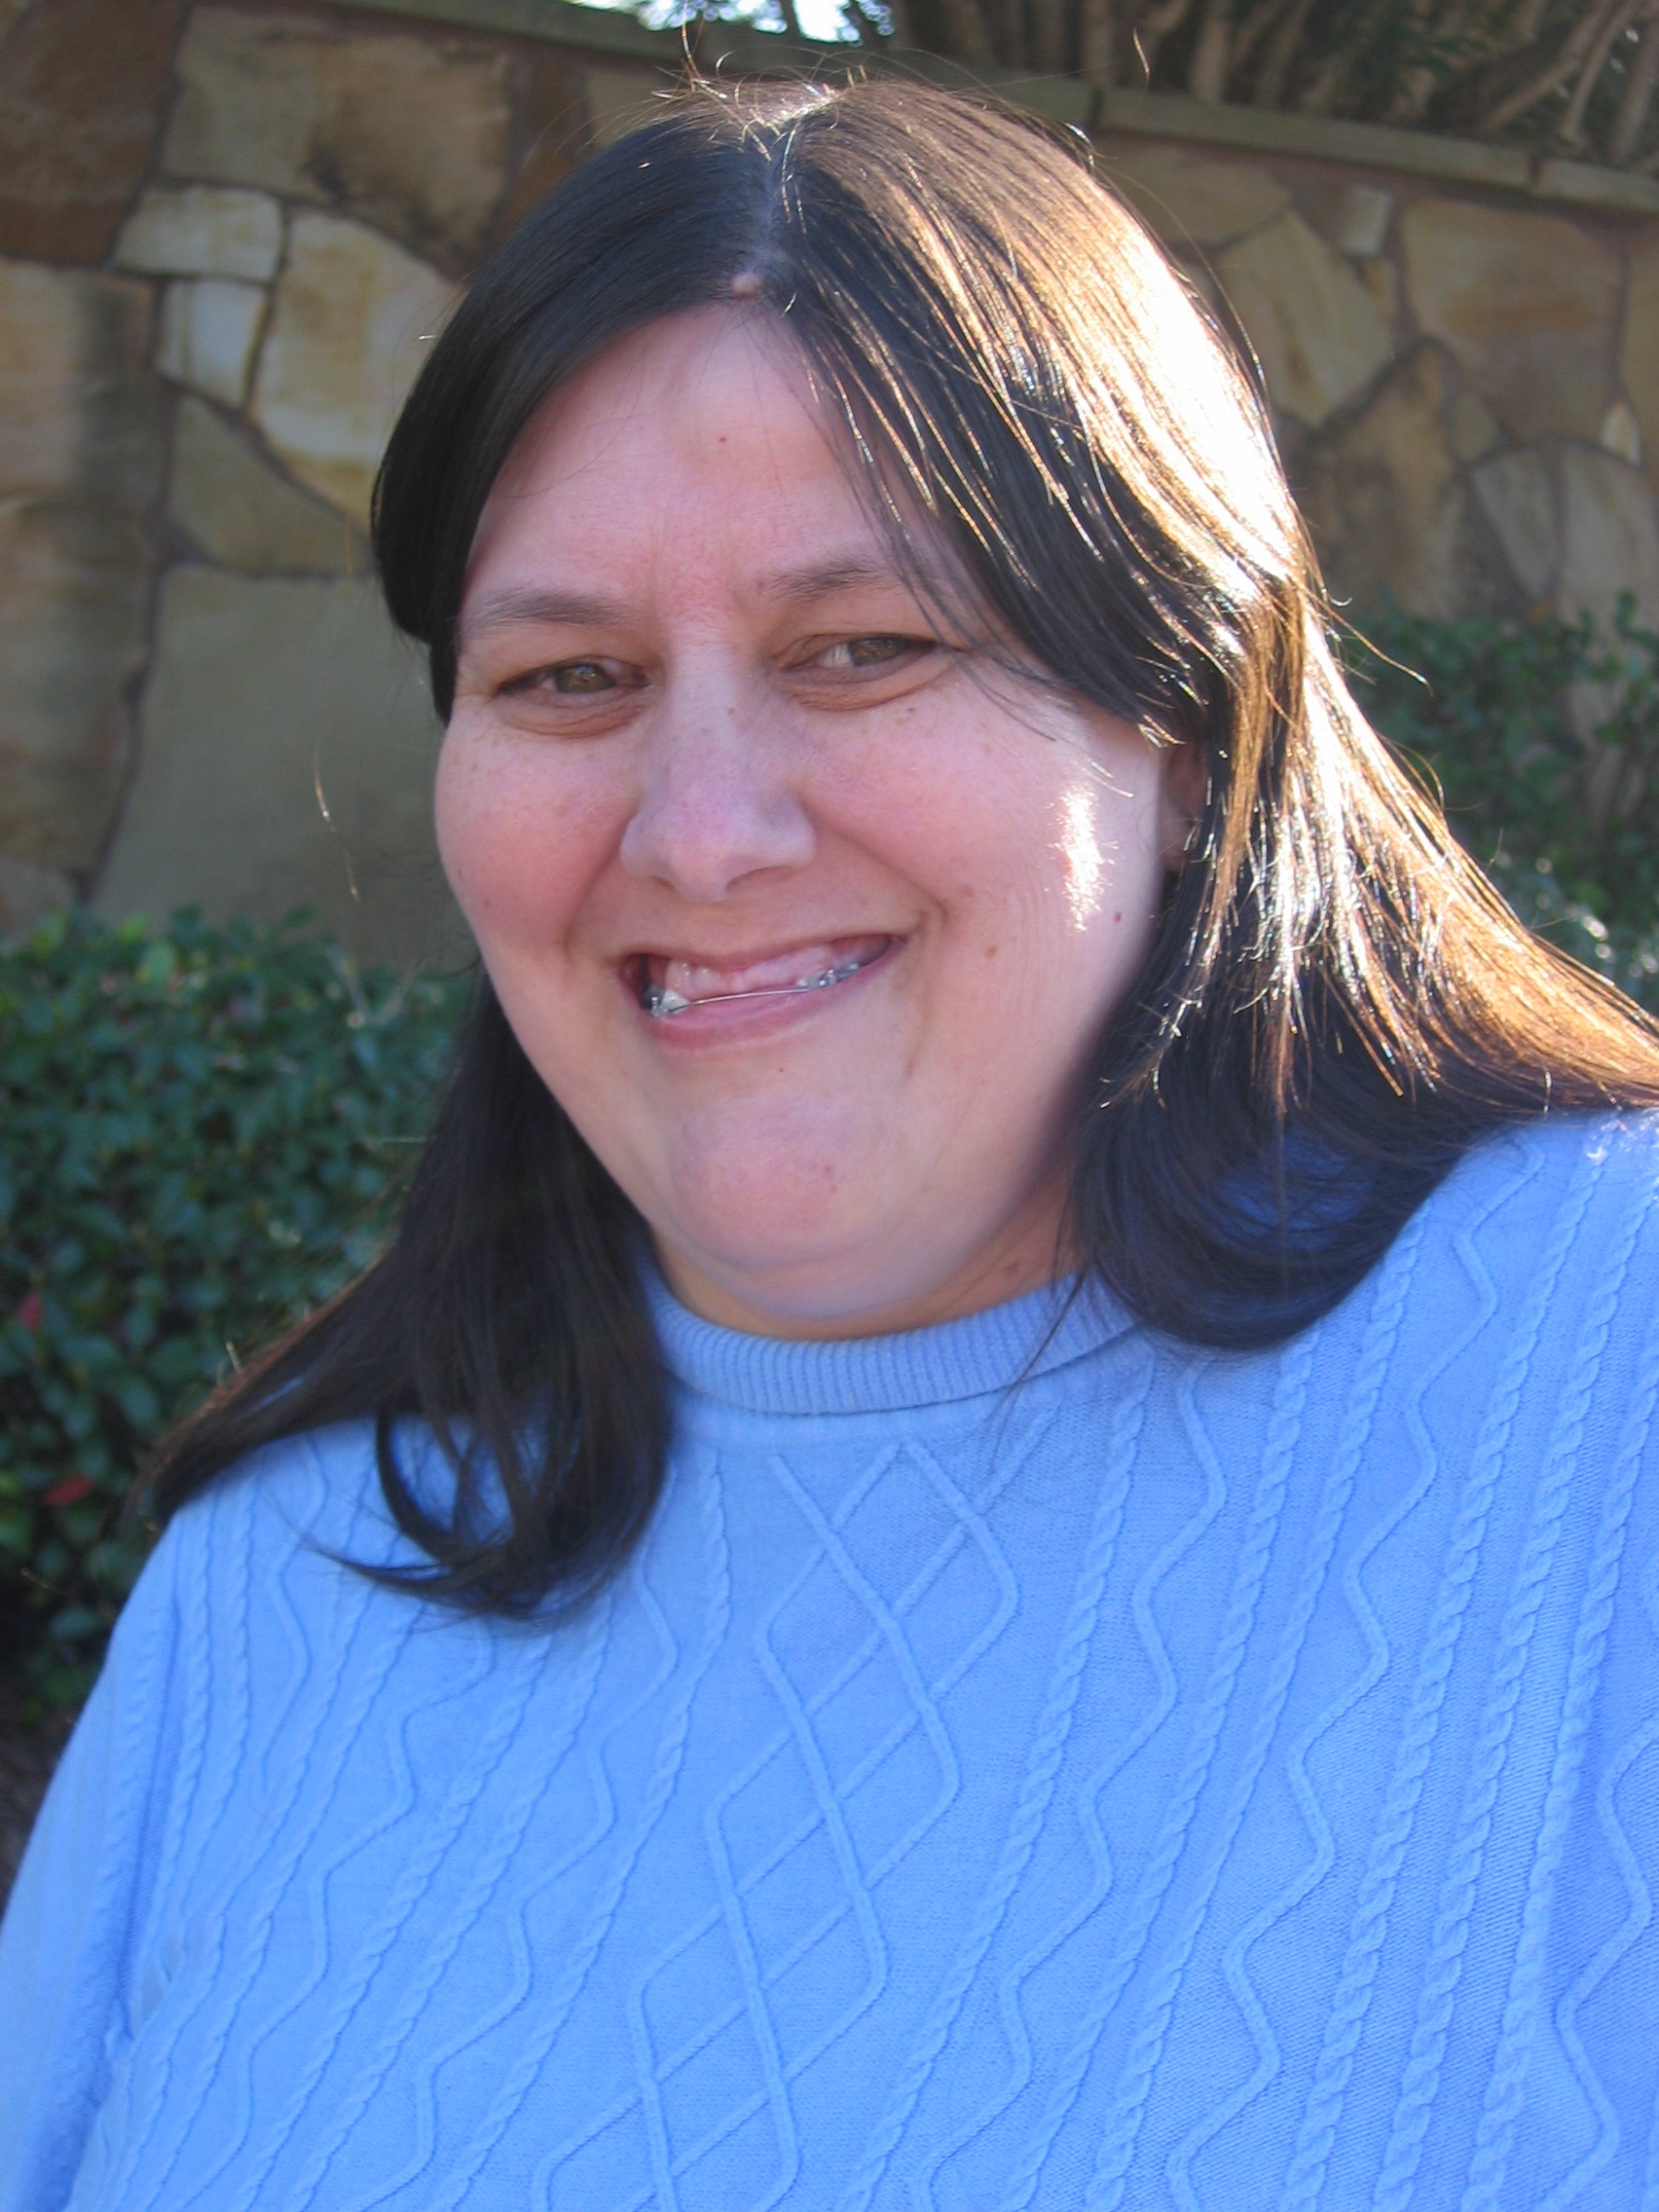 Picture of Tia Nelis.